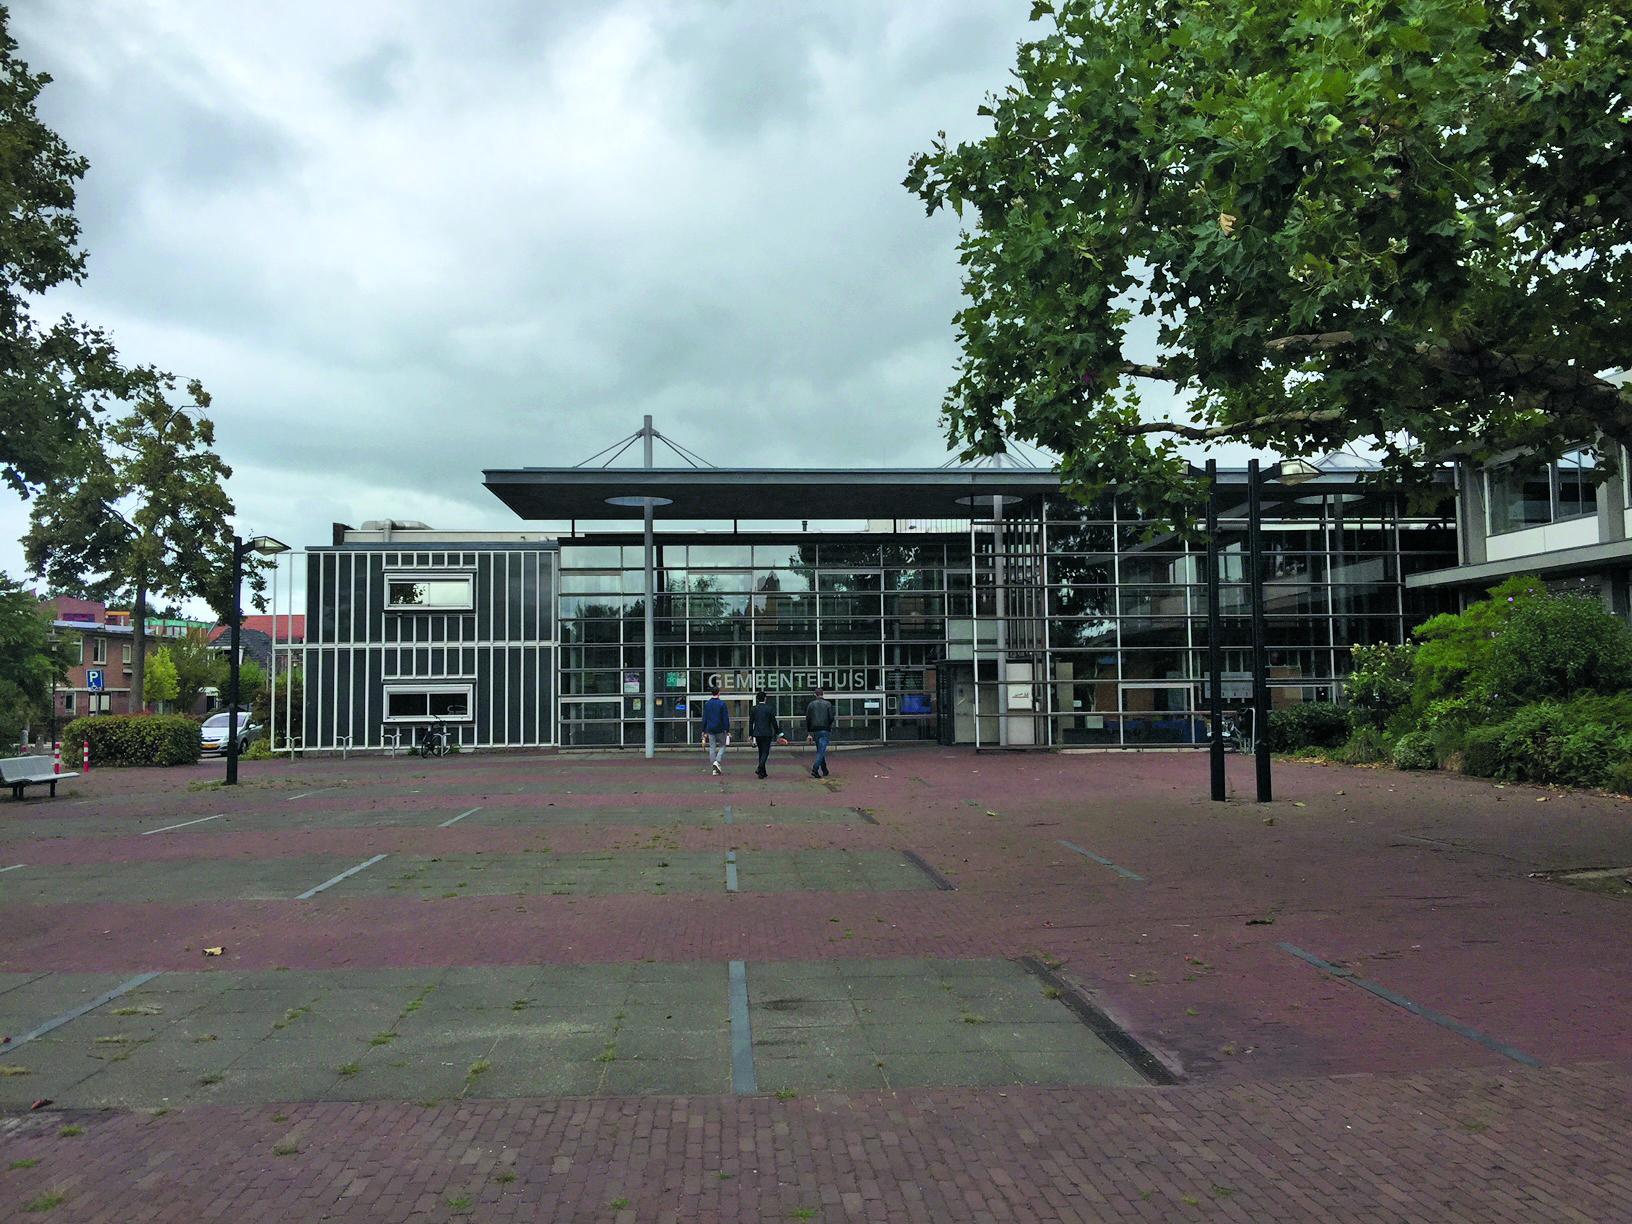 Het gemeentehuis van Landsmeer. (Foto: Wendy Ruittemanz/Rodi Media)